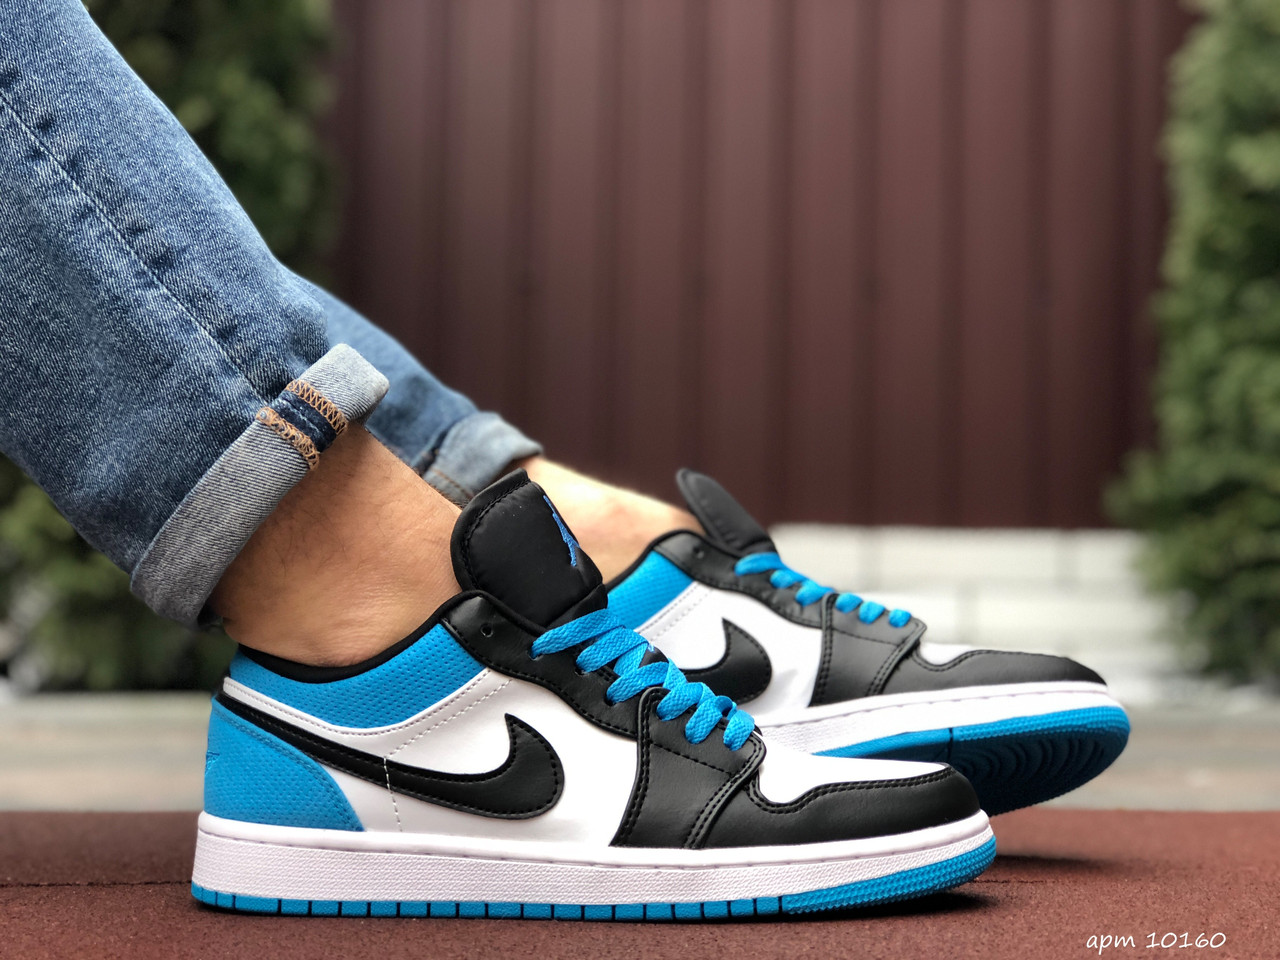 Мужские демисезонные кроссовки Nike Air Jordan 1 Retro,синие с черным